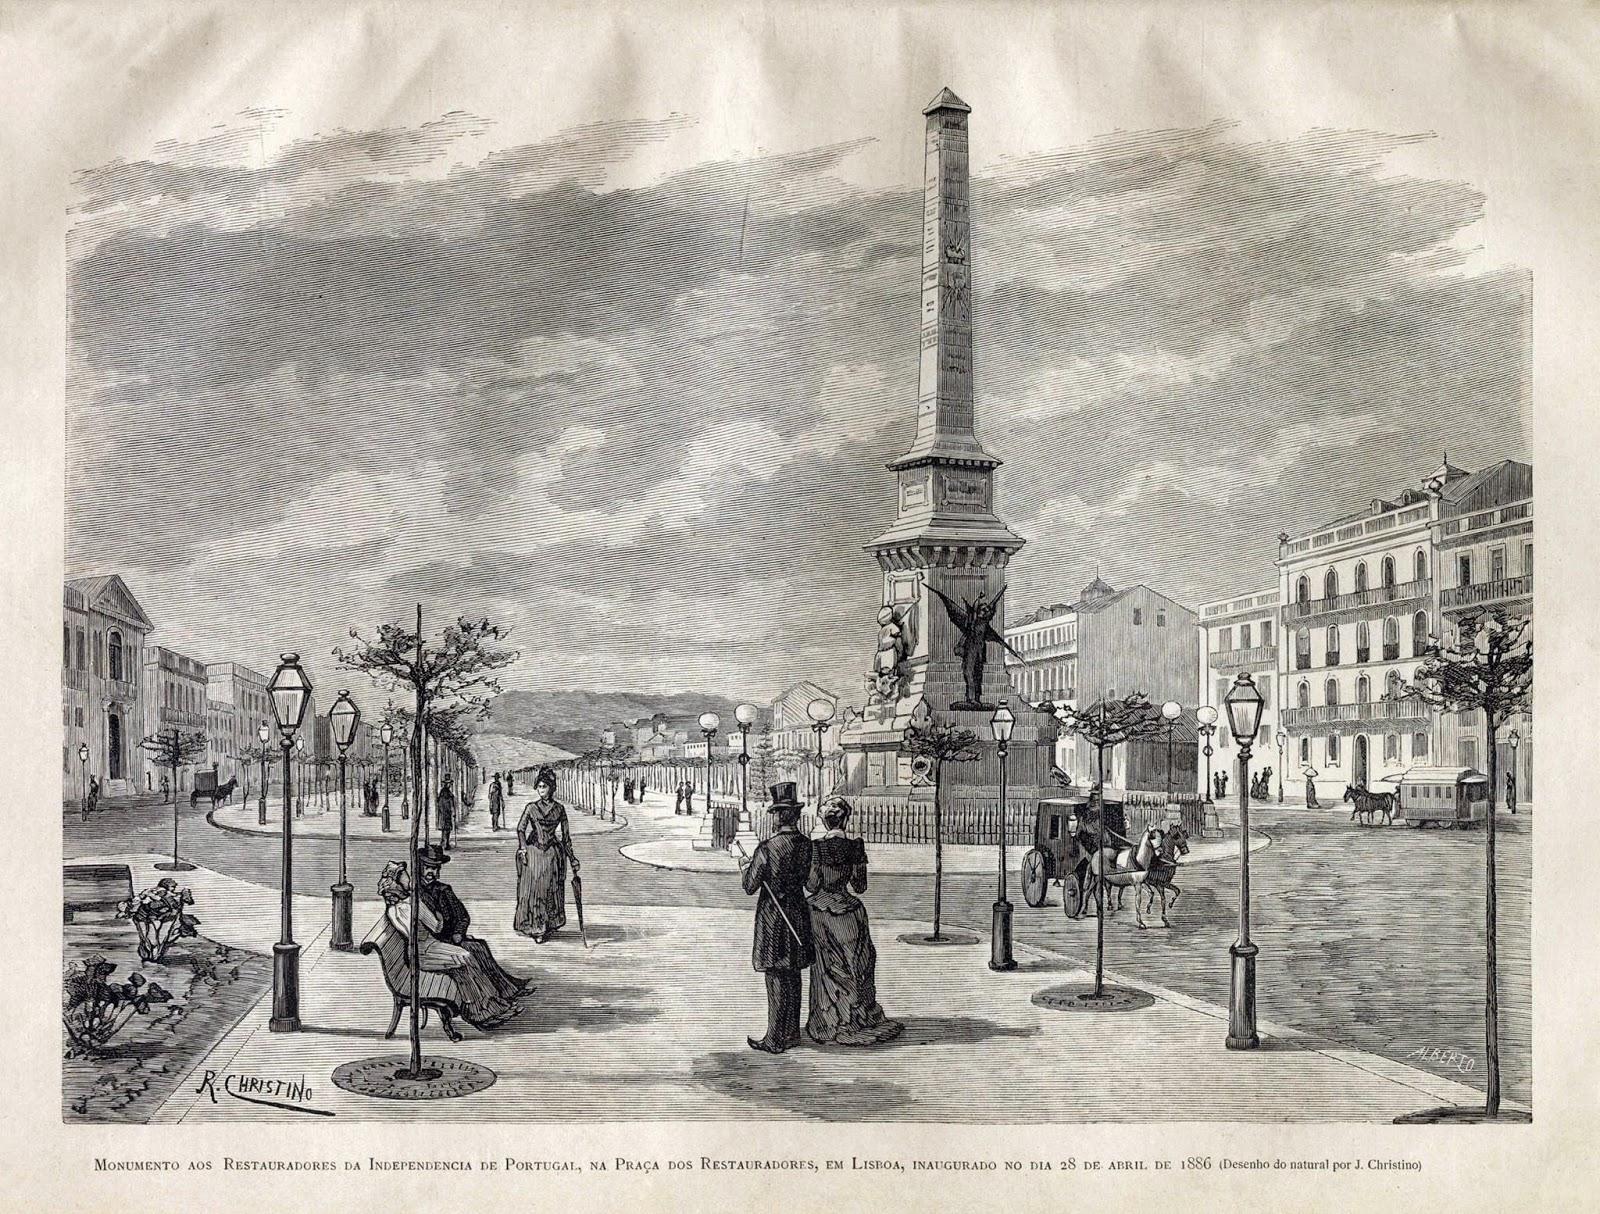 Monumento aos Restauradores da Independência de Portugal de 1640